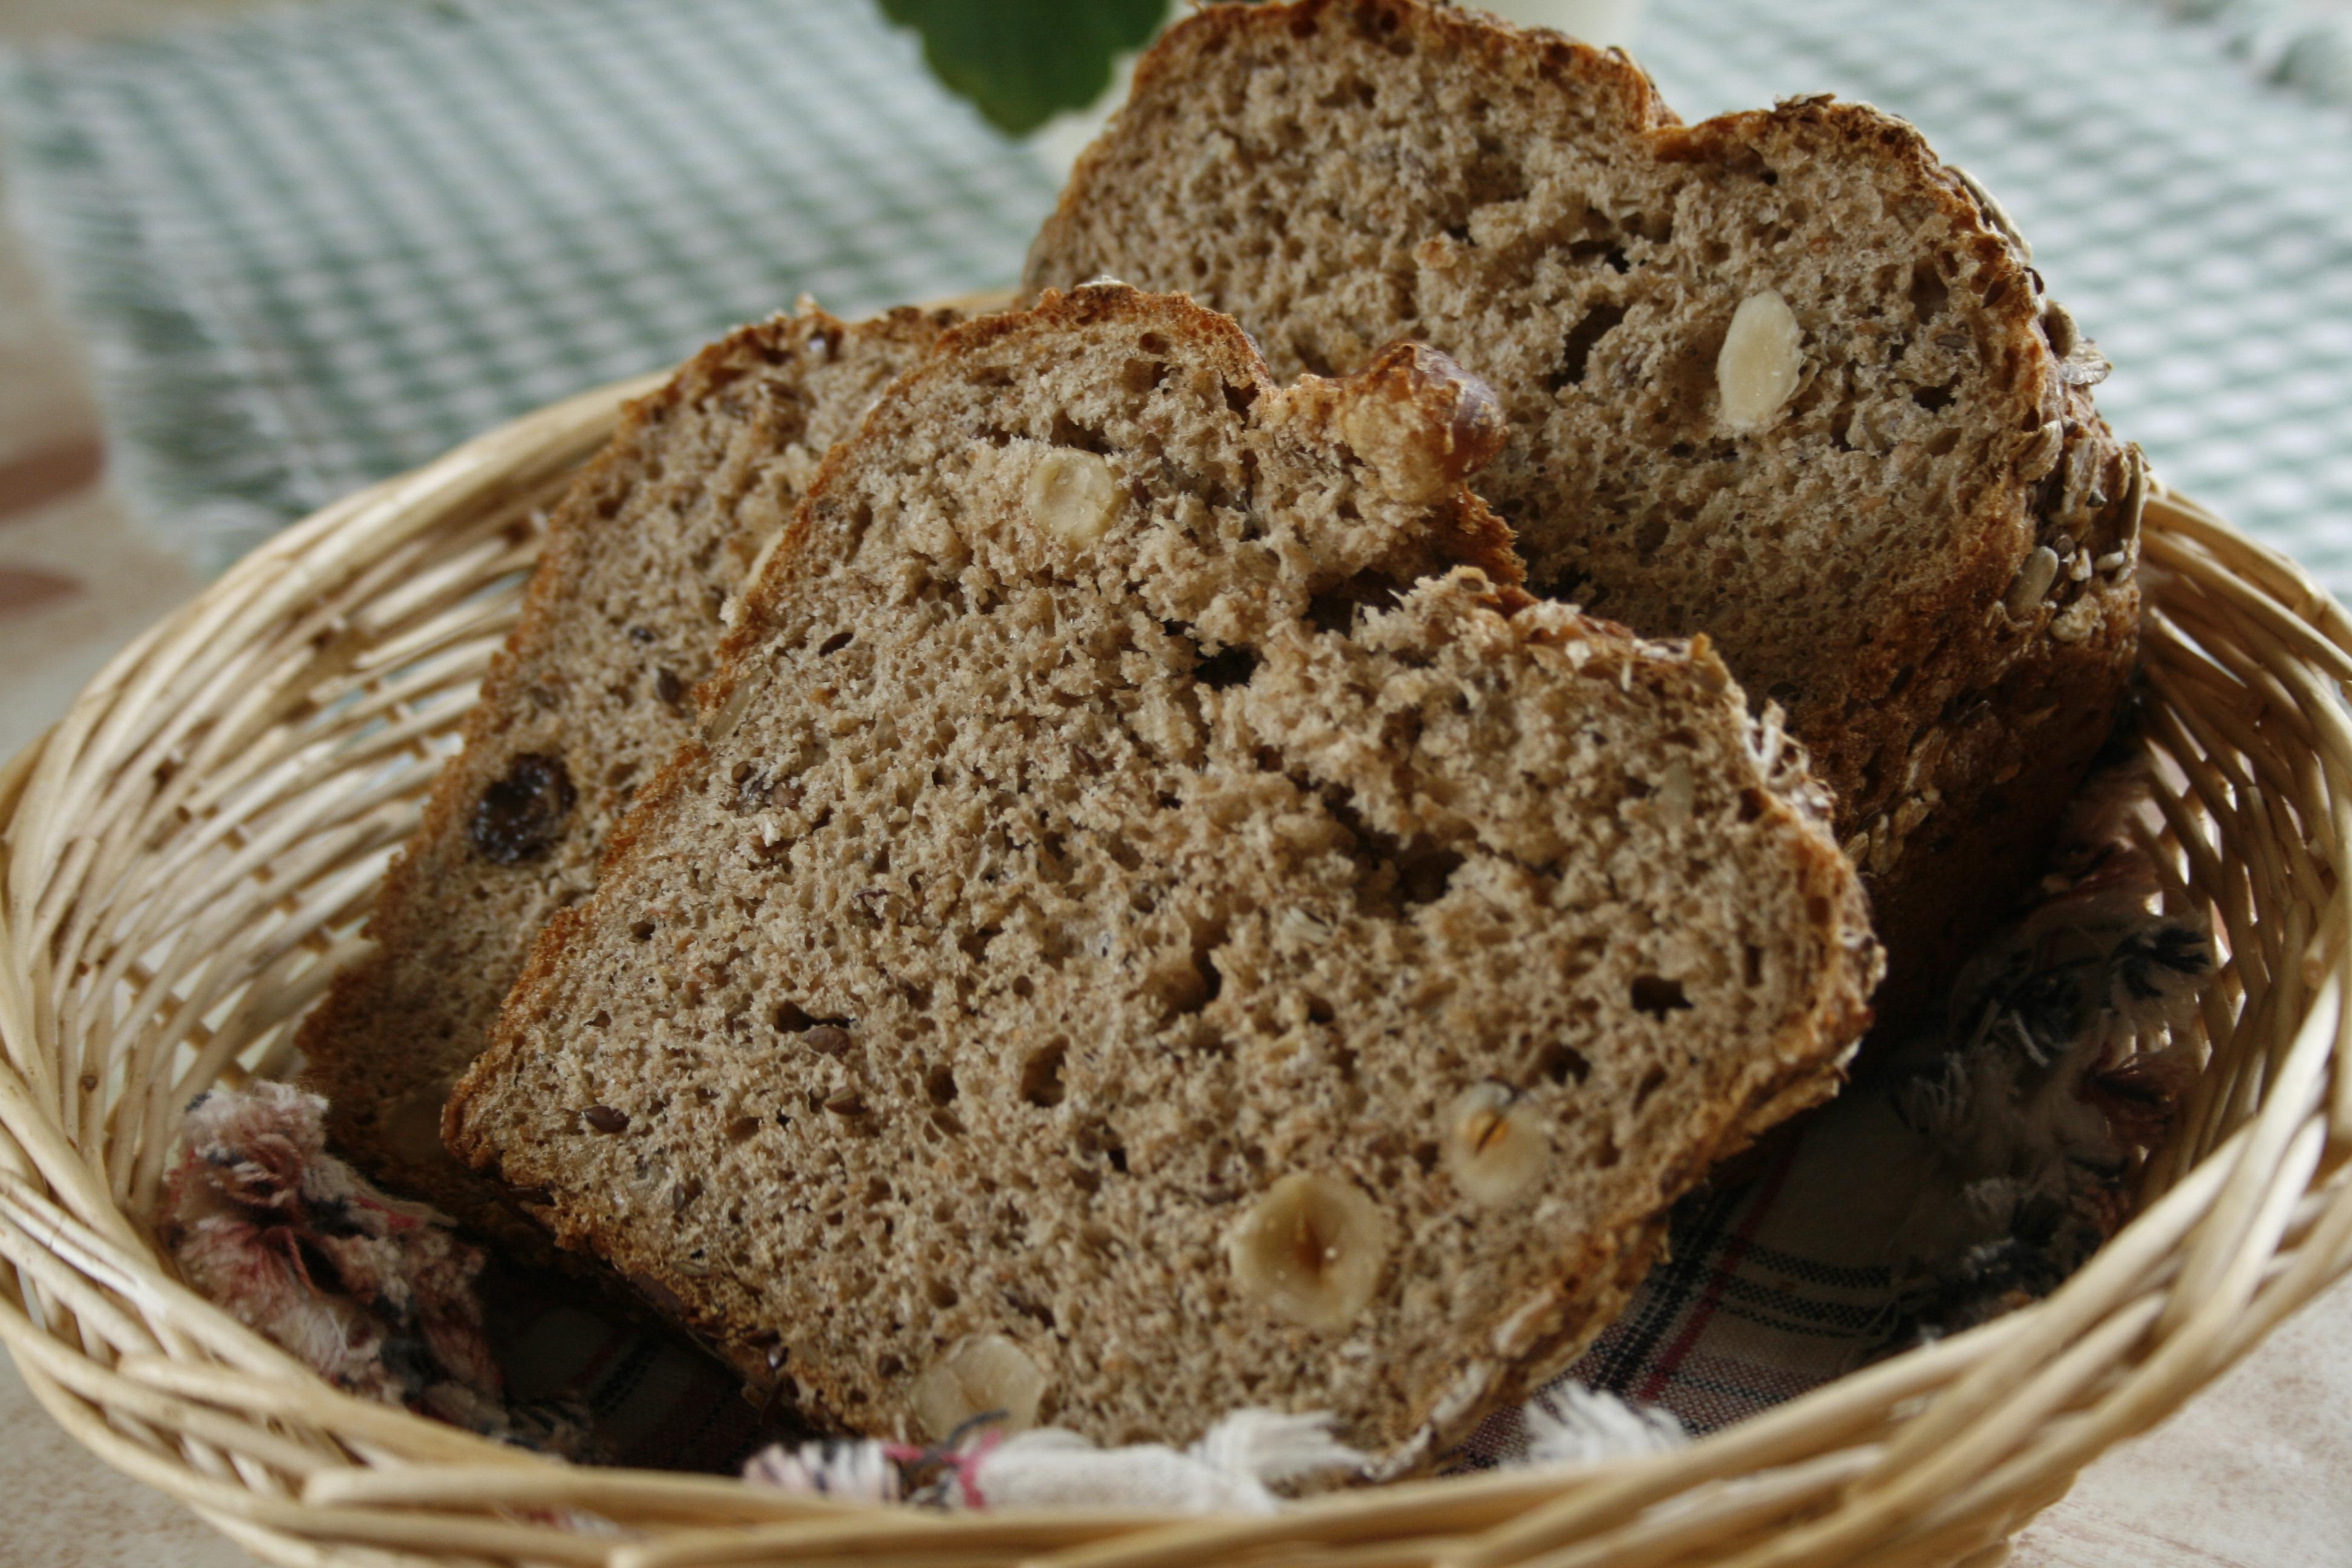 grovt nötbröd i form